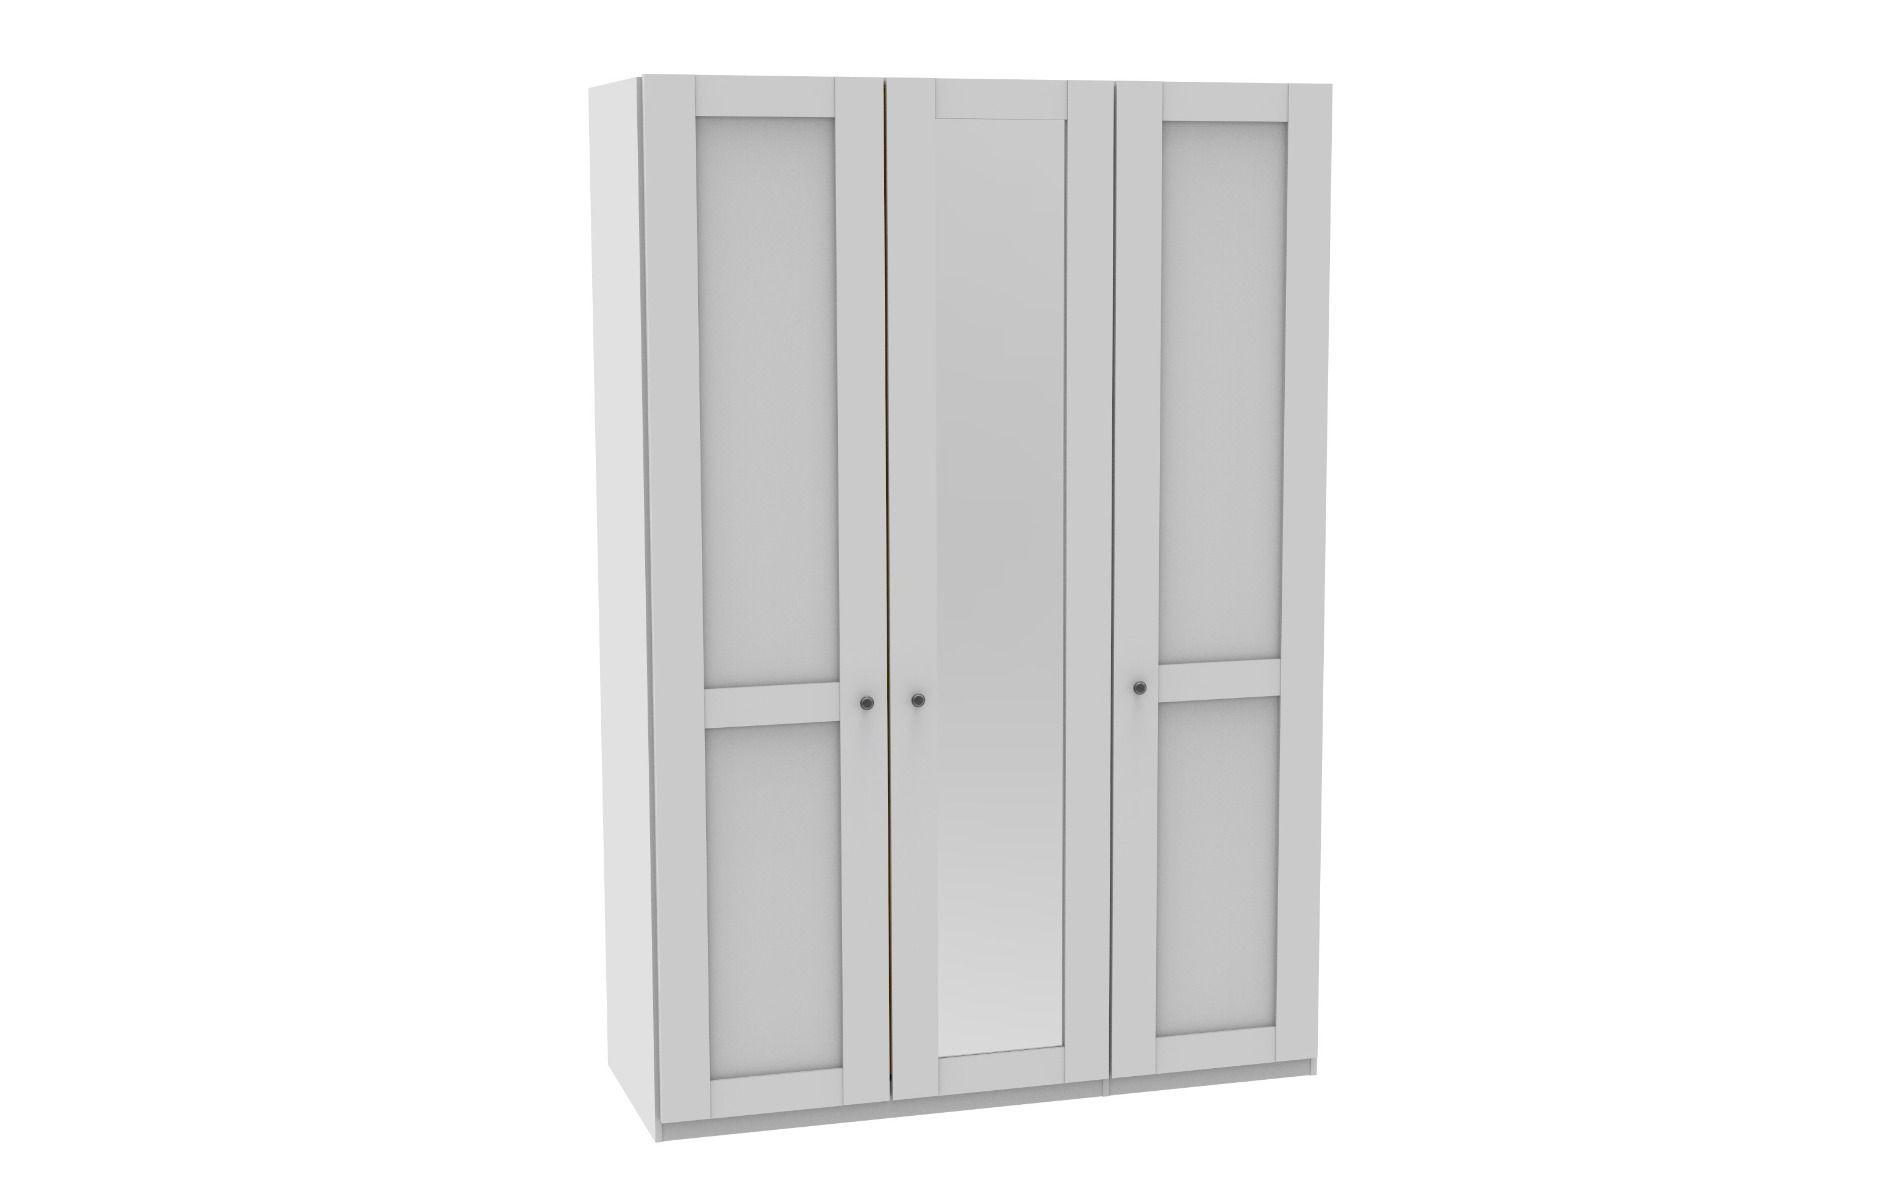 Draaideurkast Sloane - 3 deuren (1 spiegeldeur)